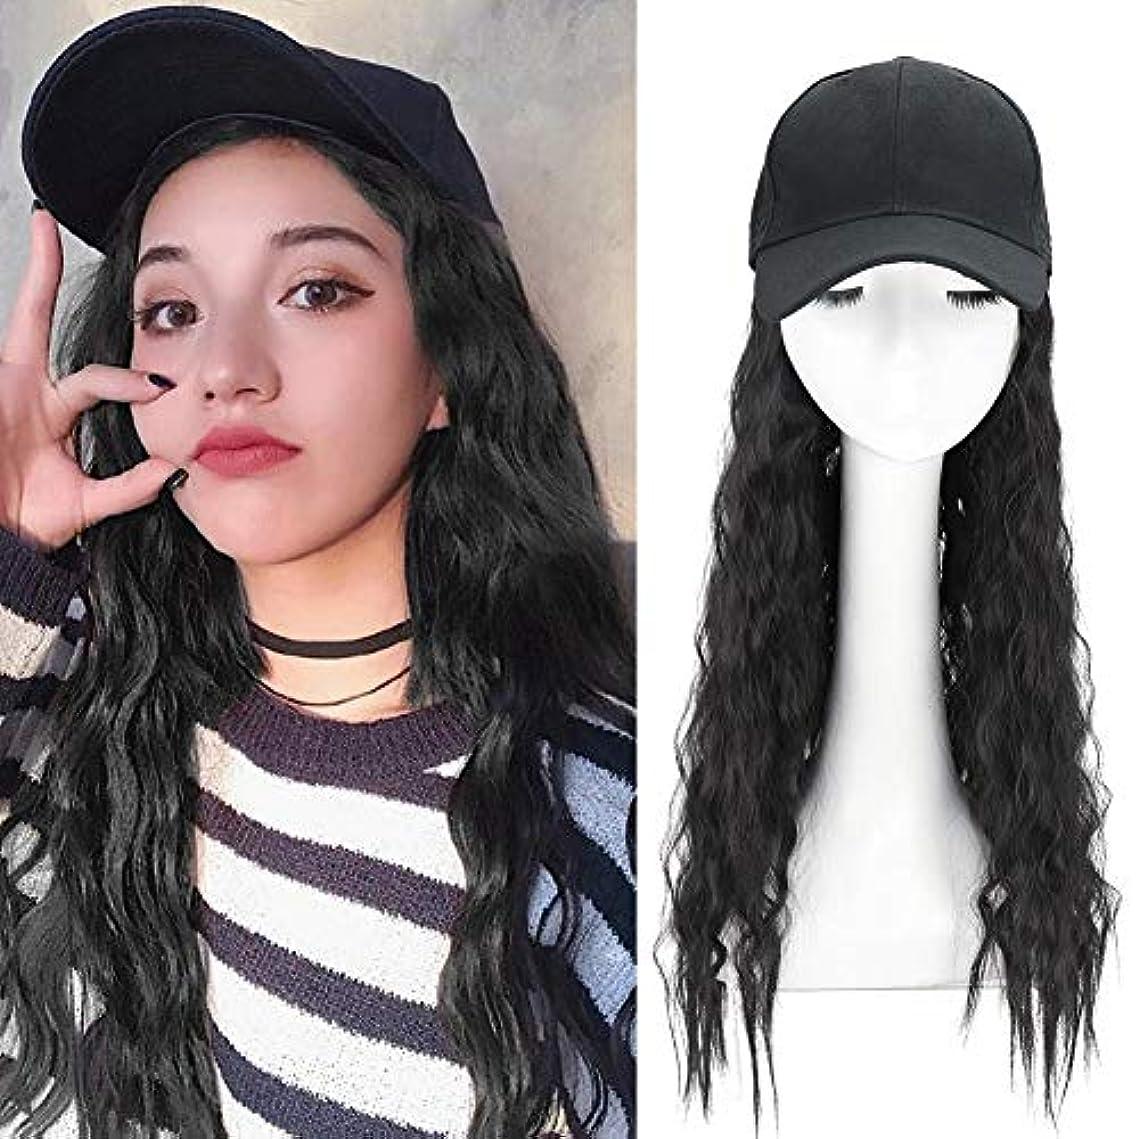 女優ダーツベッツィトロットウッド長い巻き毛を持つ合成長波野球帽合成毛を持つ波状かつらキャップ女の子のための髪を持つ調整可能な野球帽帽子